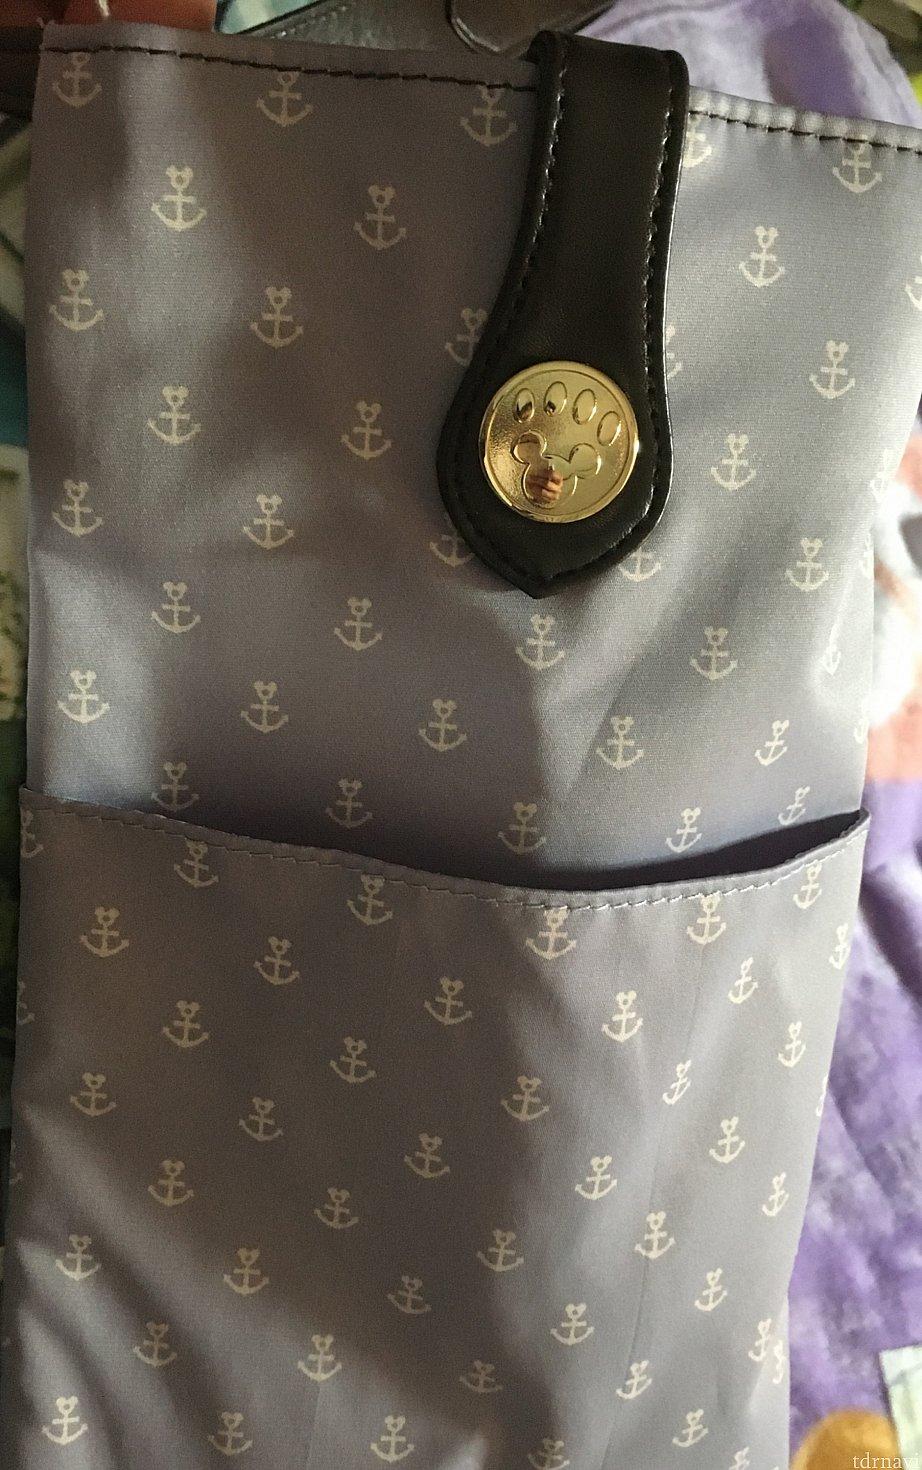 トートのサイドにはポケットあり。ペットボトル入れても大丈夫! これは便利。 サイド飾りのボタンも可愛い